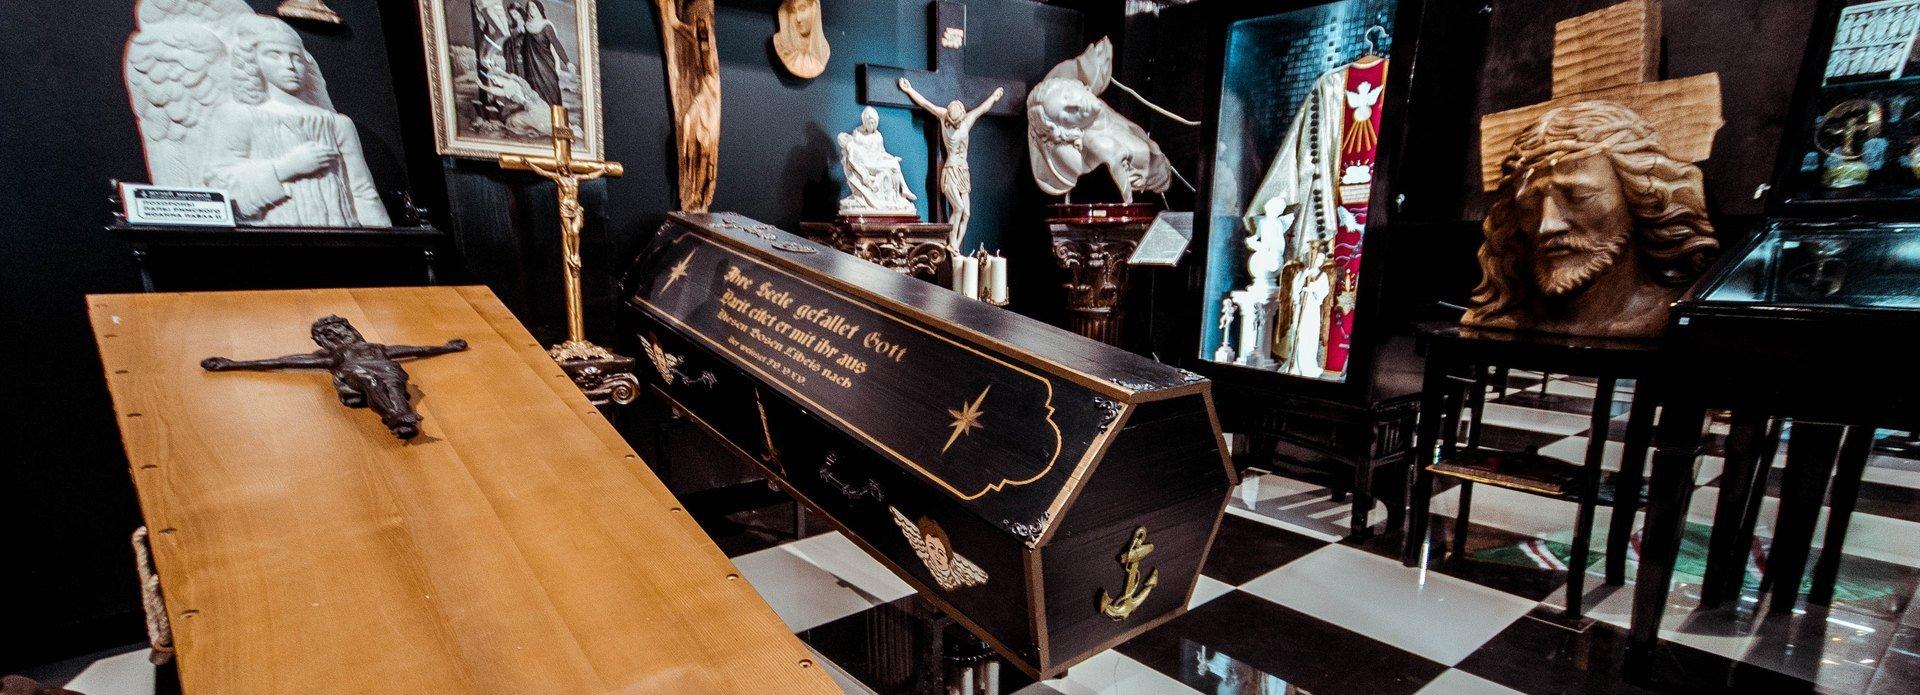 Погребальные обряды разных религий в постоянных экспозициях в зале 2